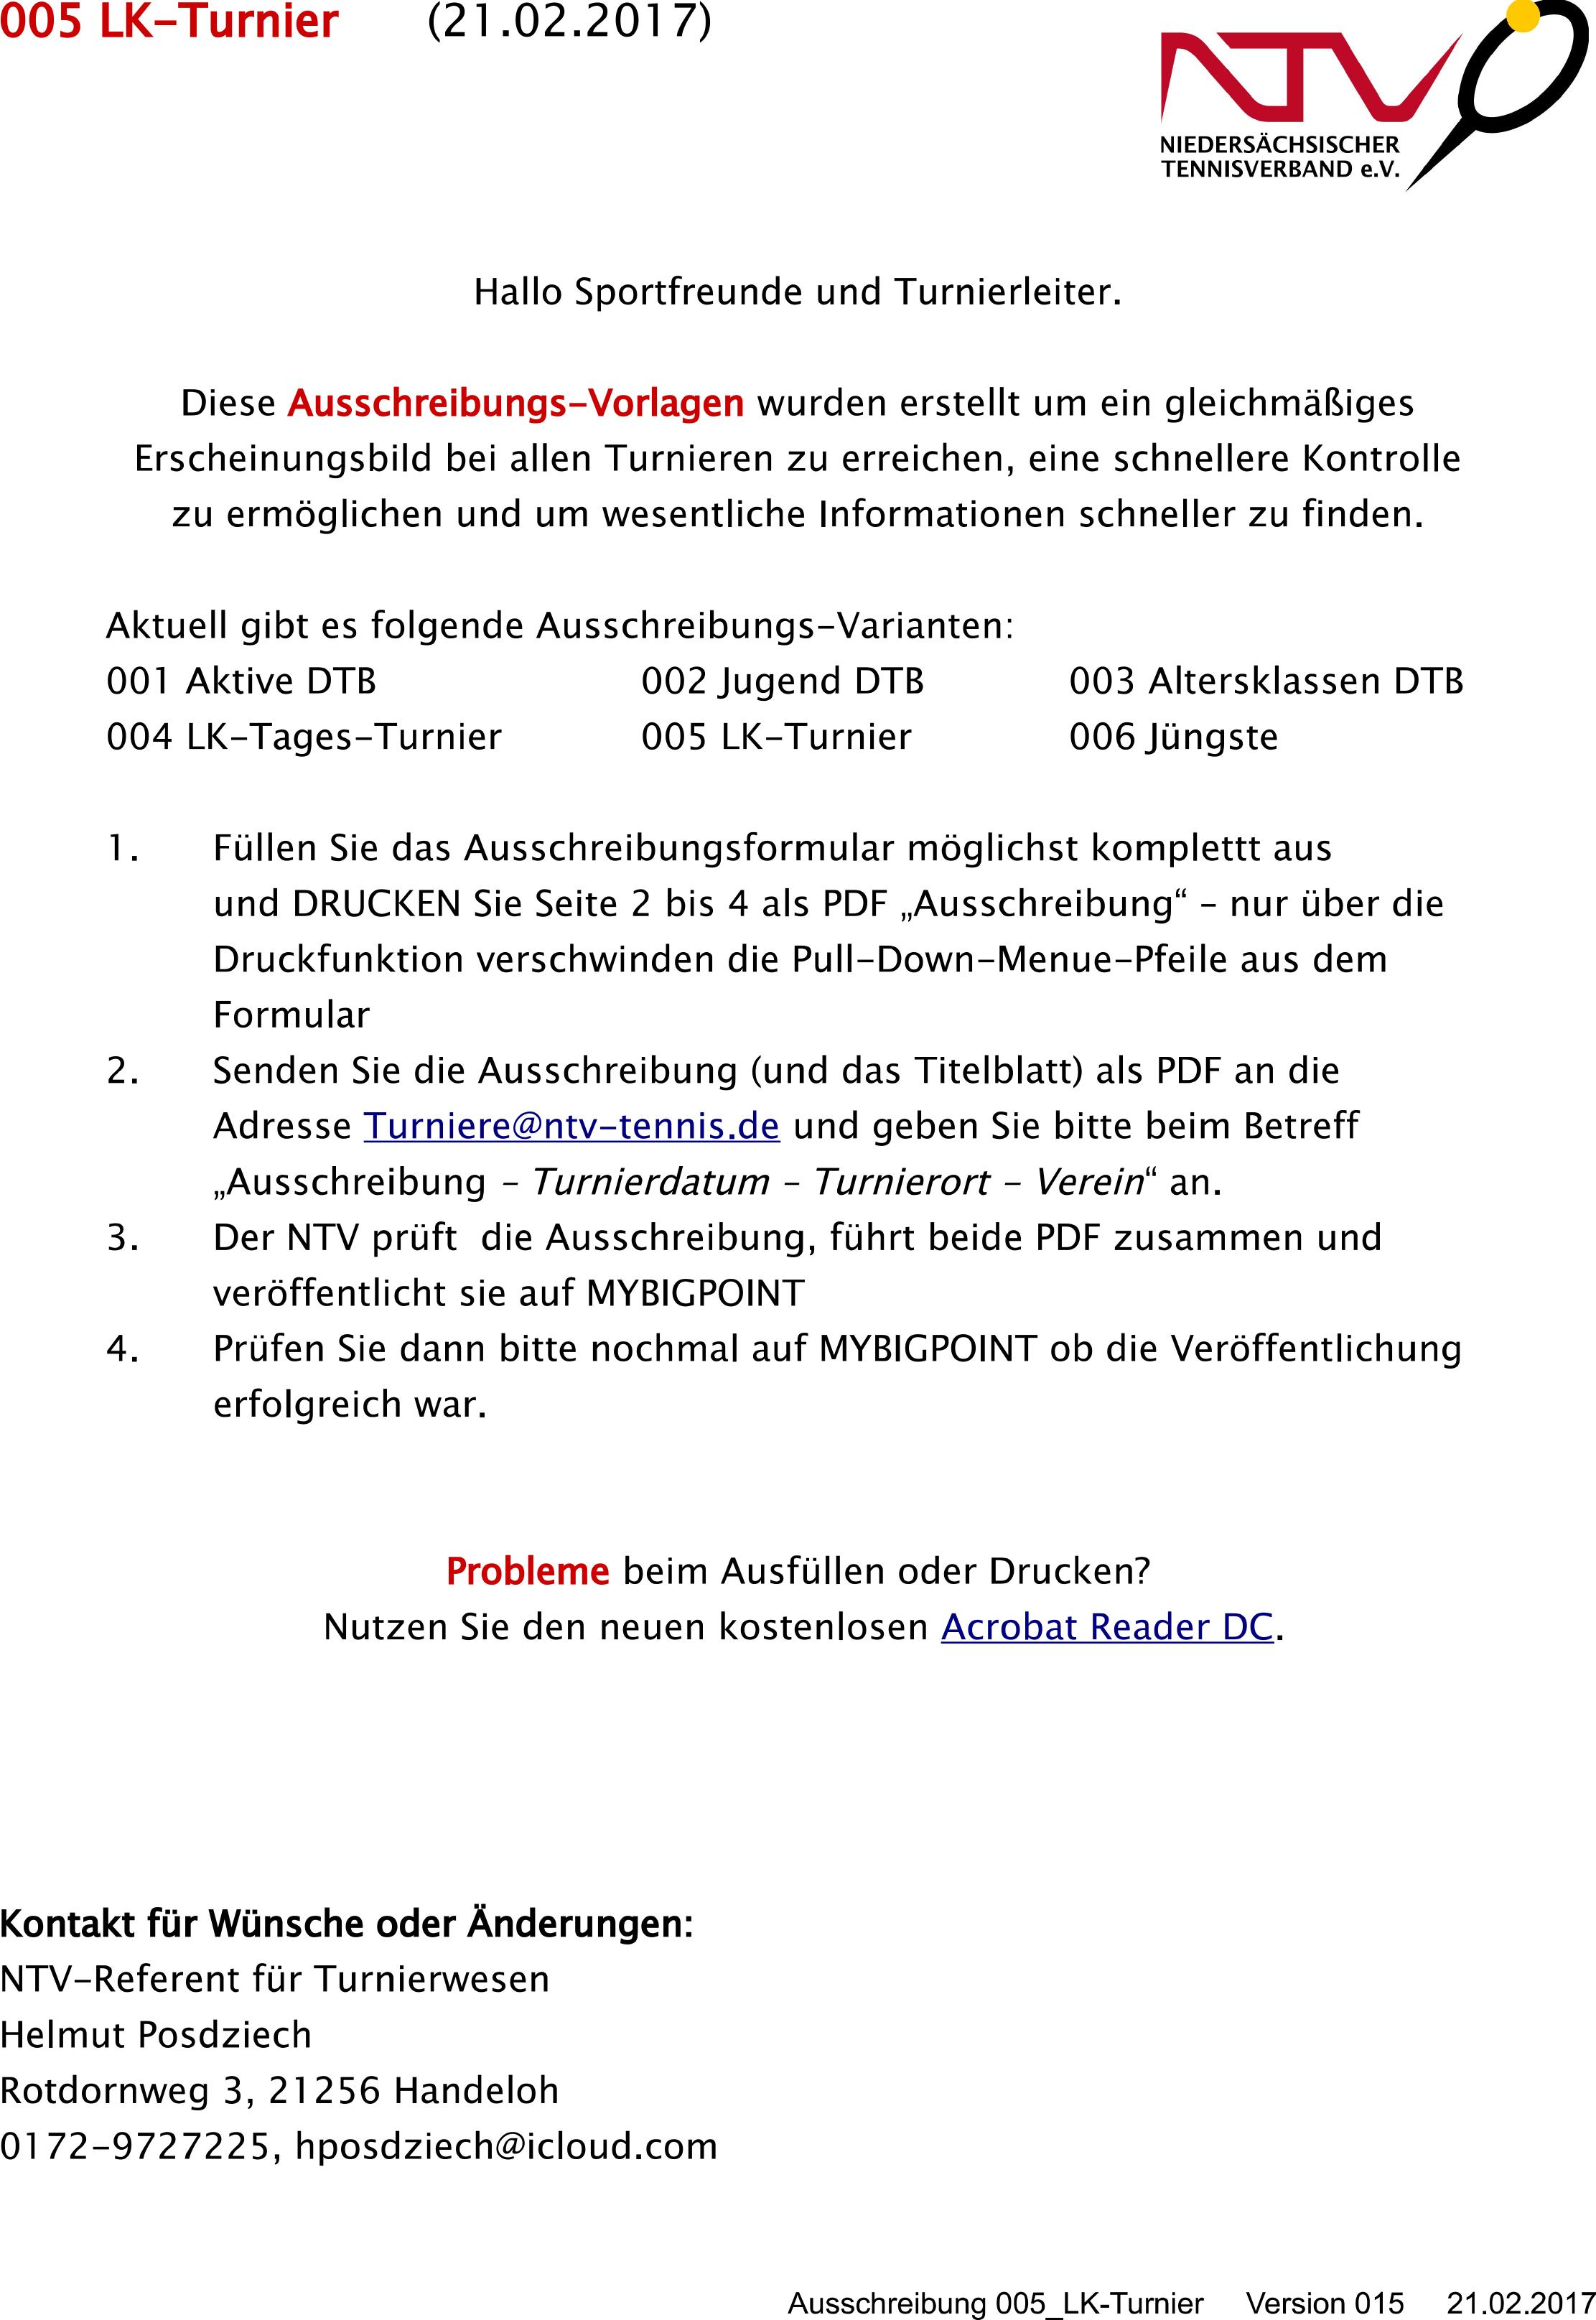 Wunderbar Betriebshandbuch Vorlage Ideen - Entry Level Resume ...